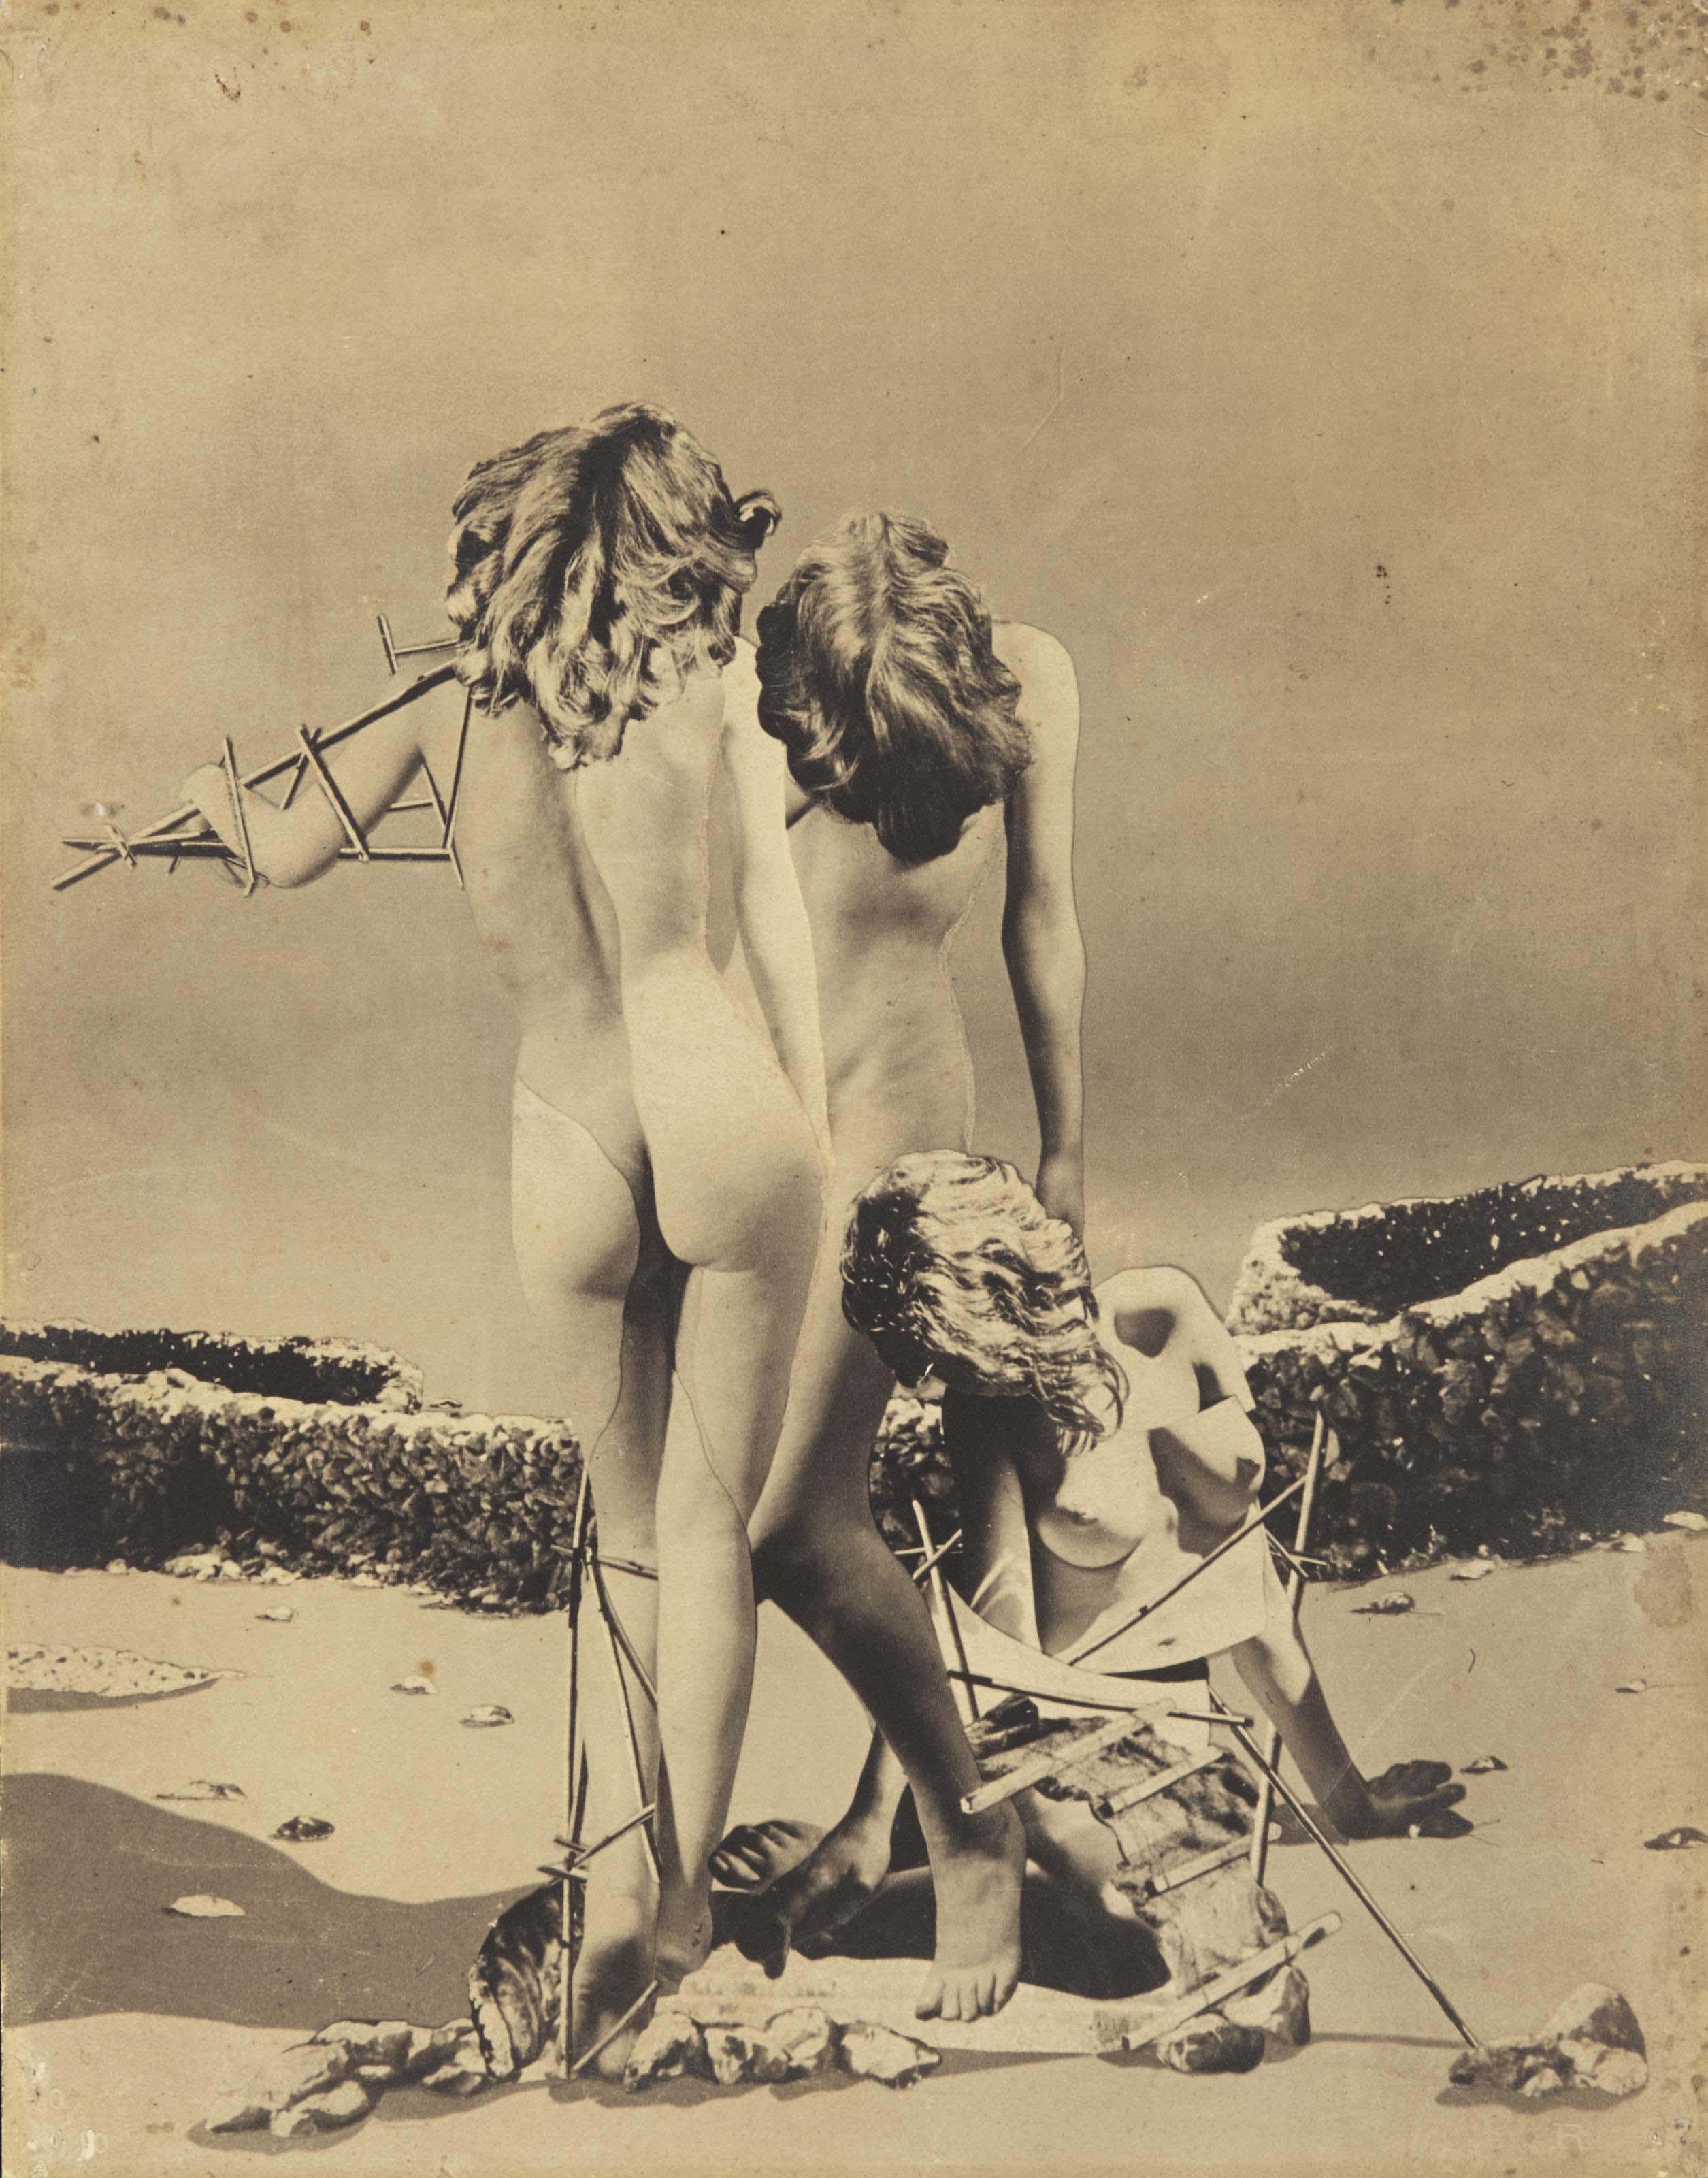 Le triomphe de la stérilité, 1937